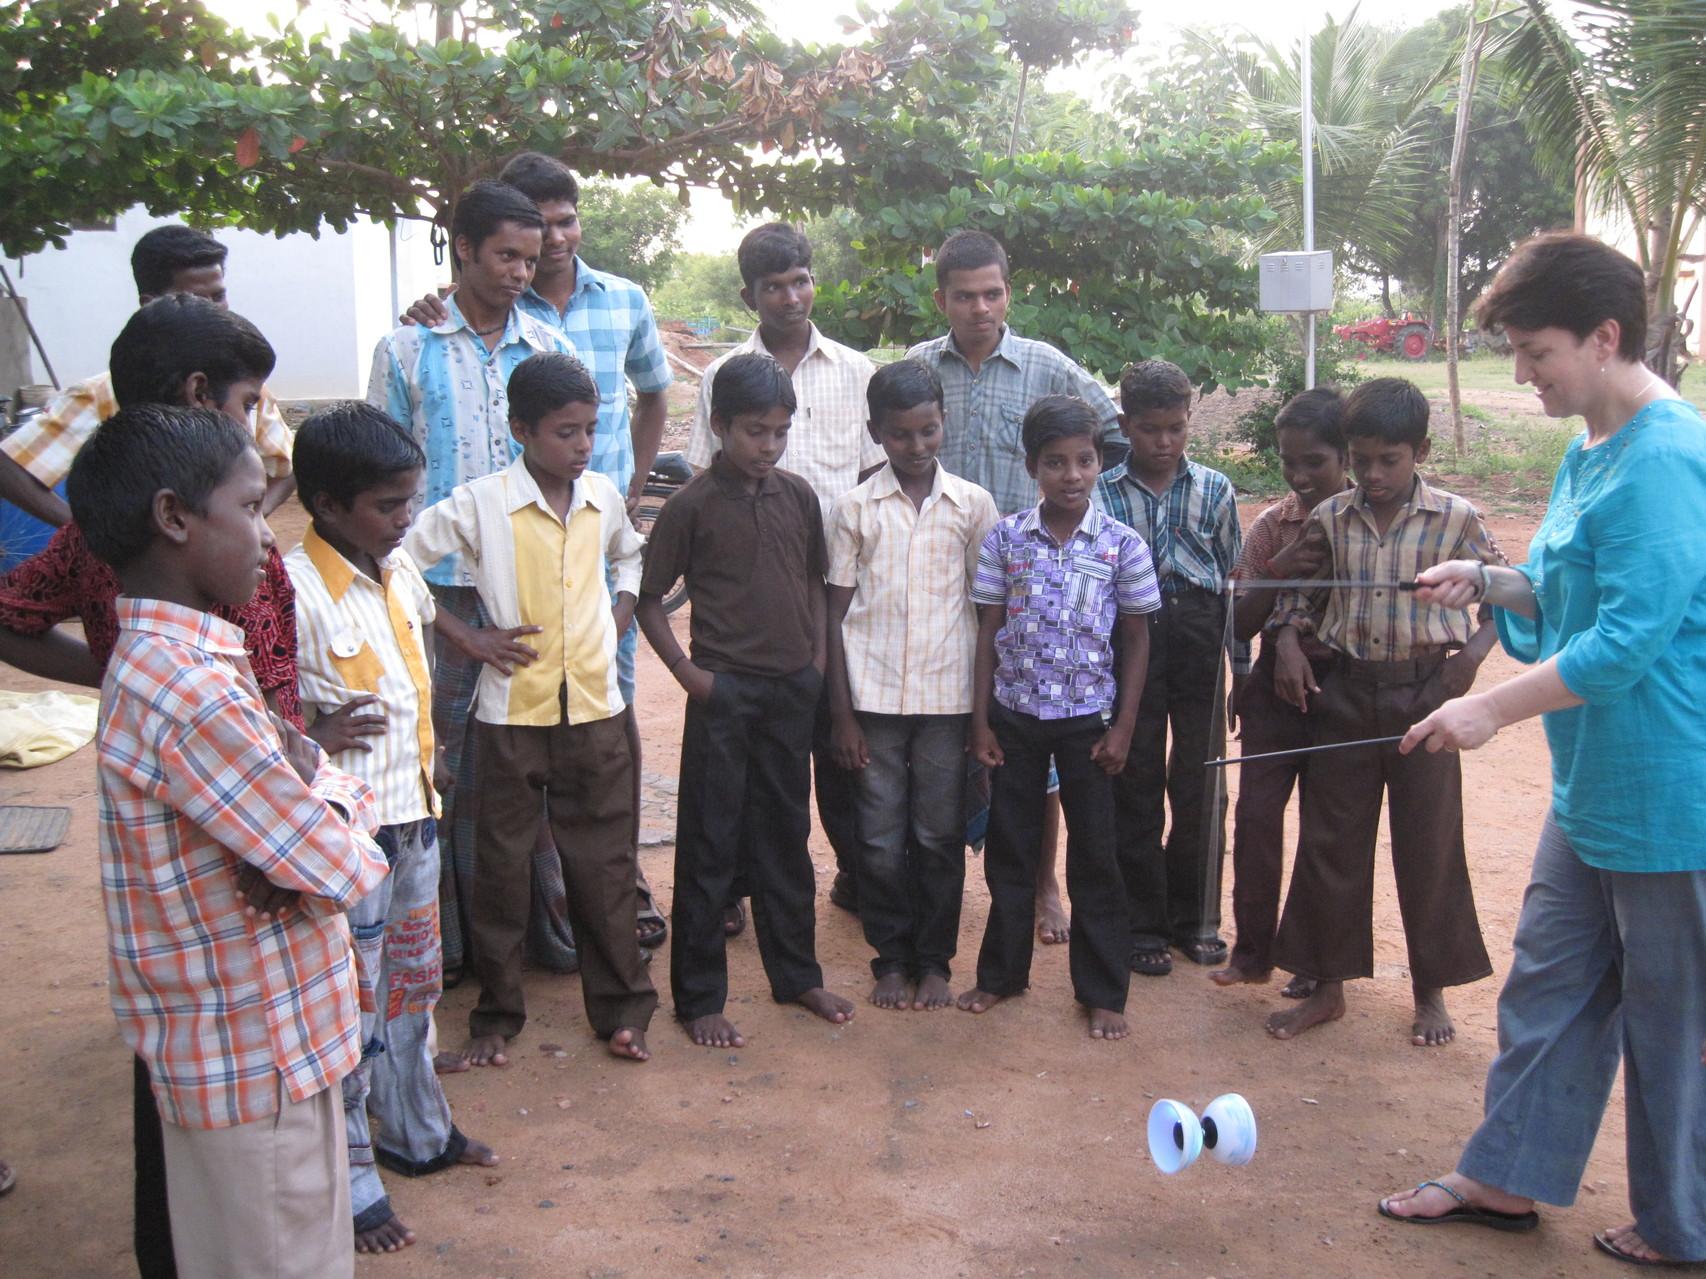 Démonstration du maniement du diabolo devant les élèves de Thallakulam - Octobre 2011